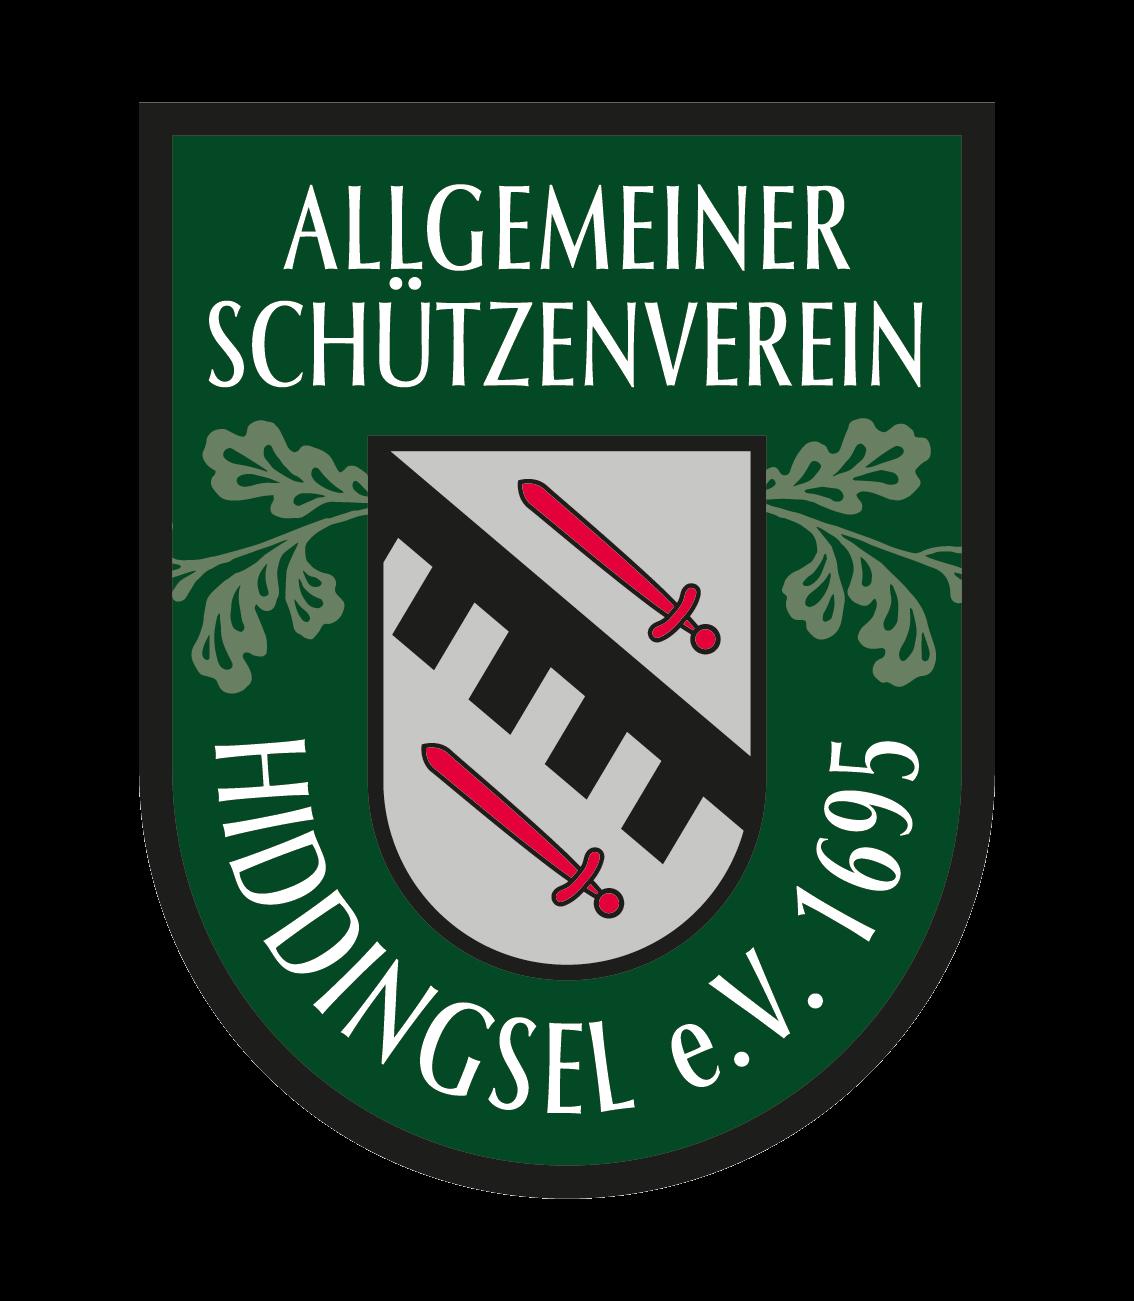 Allgemeiner Schützenverein Hiddingsel